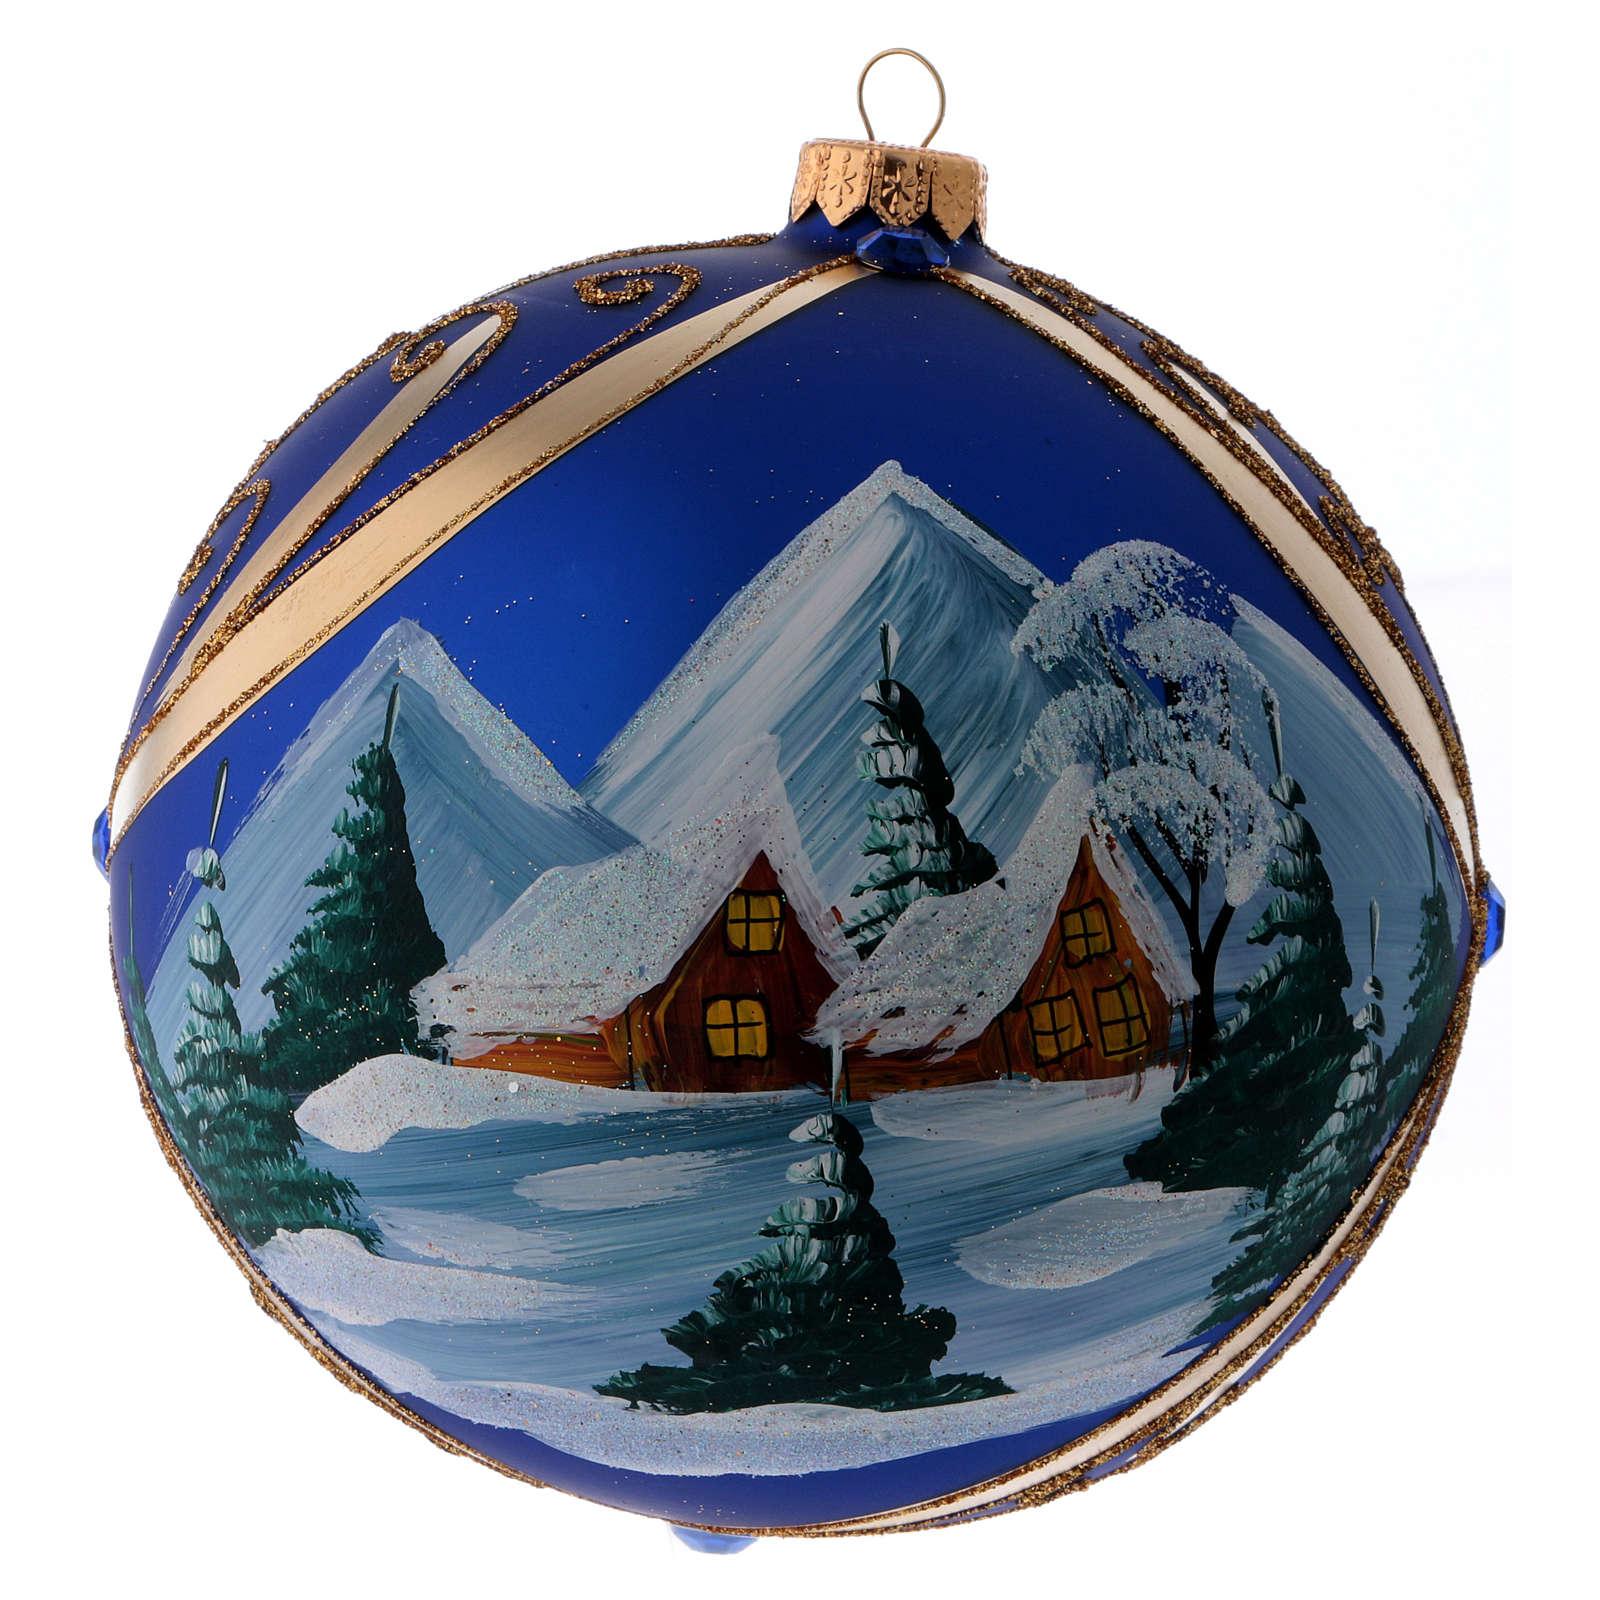 Bola de Navidad vidrio azul paisaje nevado en marco dorado 150 mm 4